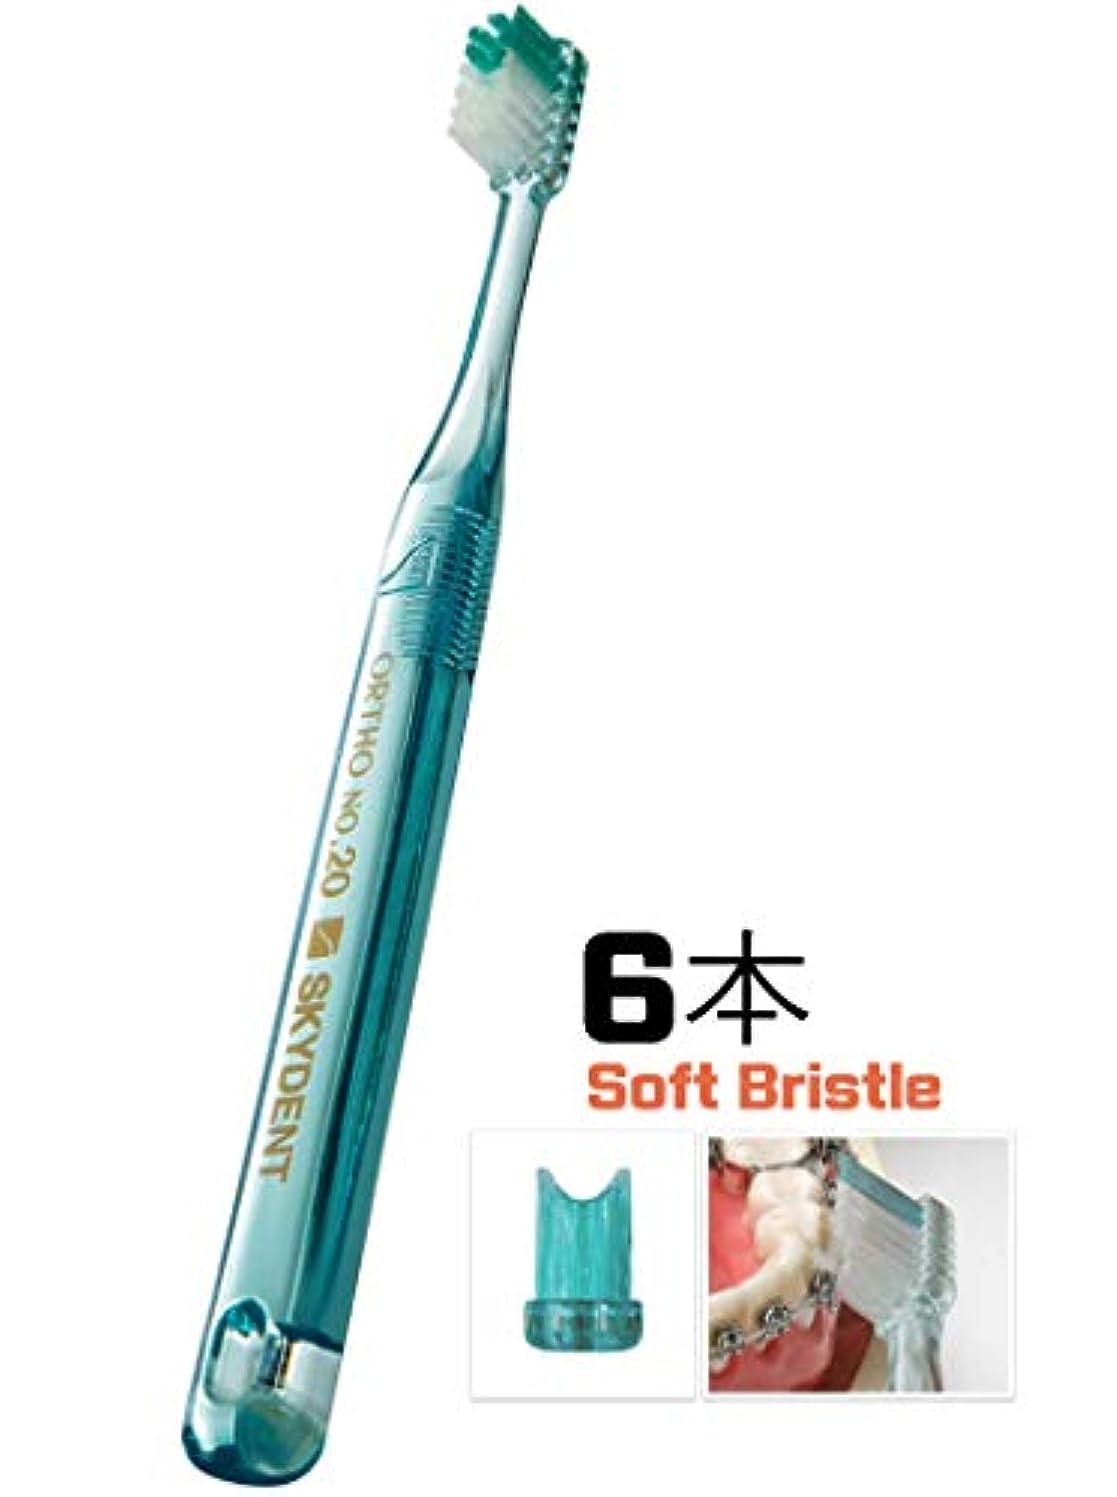 残忍なオーブンみなすSky 矯正歯ブラシ 6本 Orthodontic toothbrush for bracket braces wire (Ortho No.20 Soft)